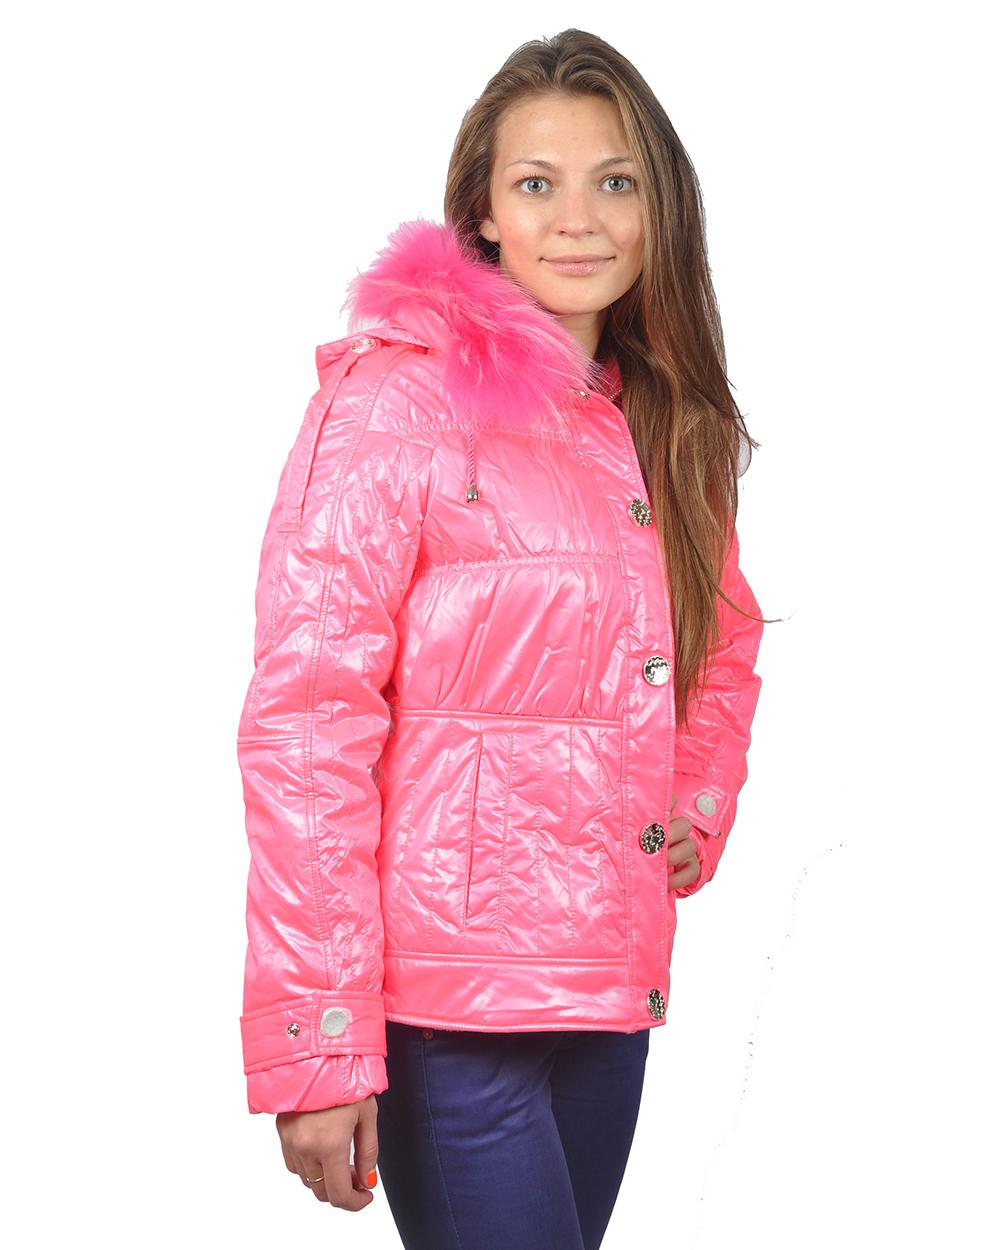 Купить Куртки Женские Оптом В Москве